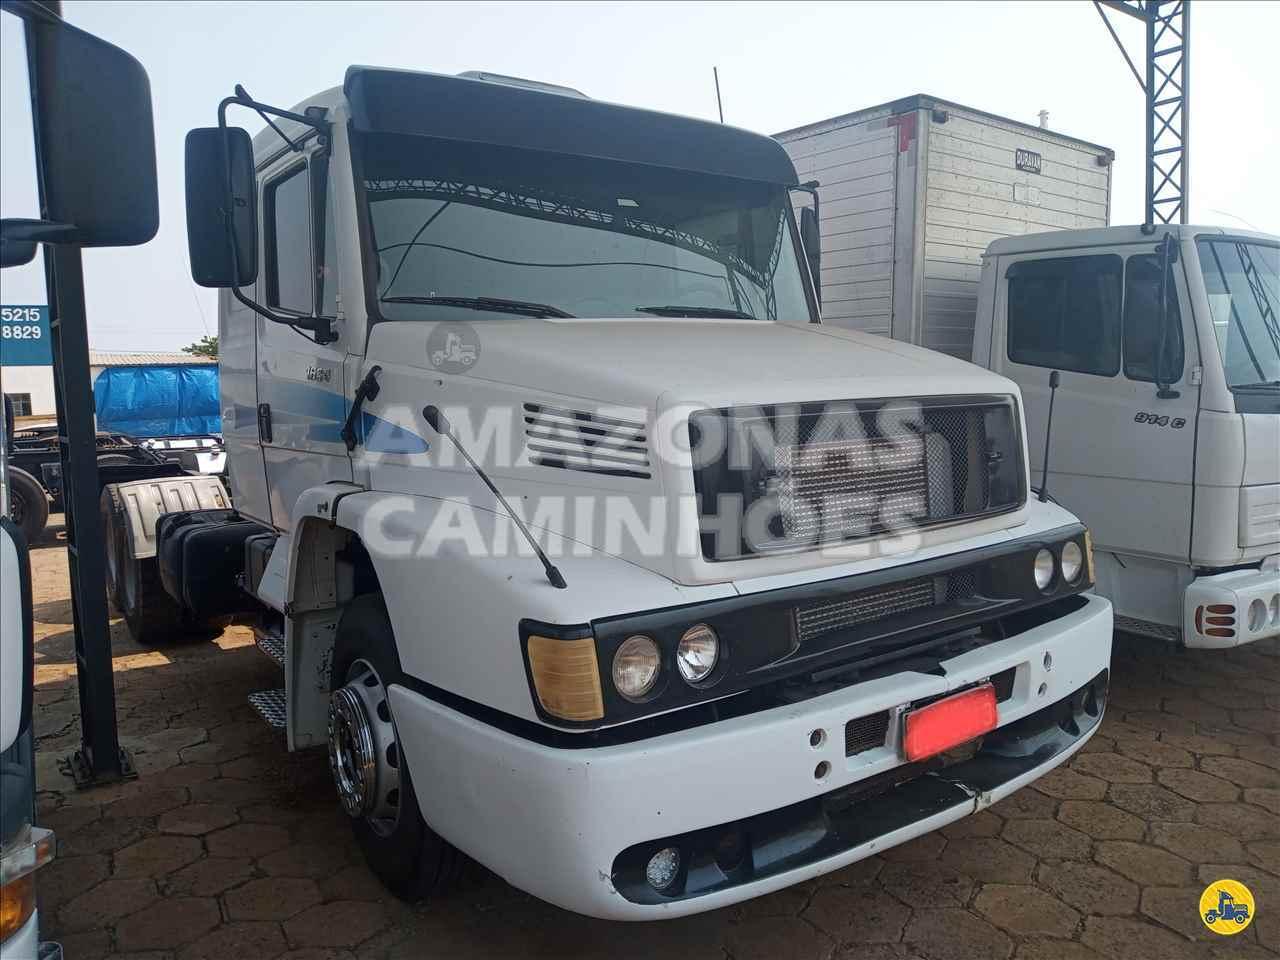 CAMINHAO MERCEDES-BENZ MB 1634 Cavalo Mecânico Truck 6x2 Amazonas Caminhões - SP MARILIA SÃO PAULO SP